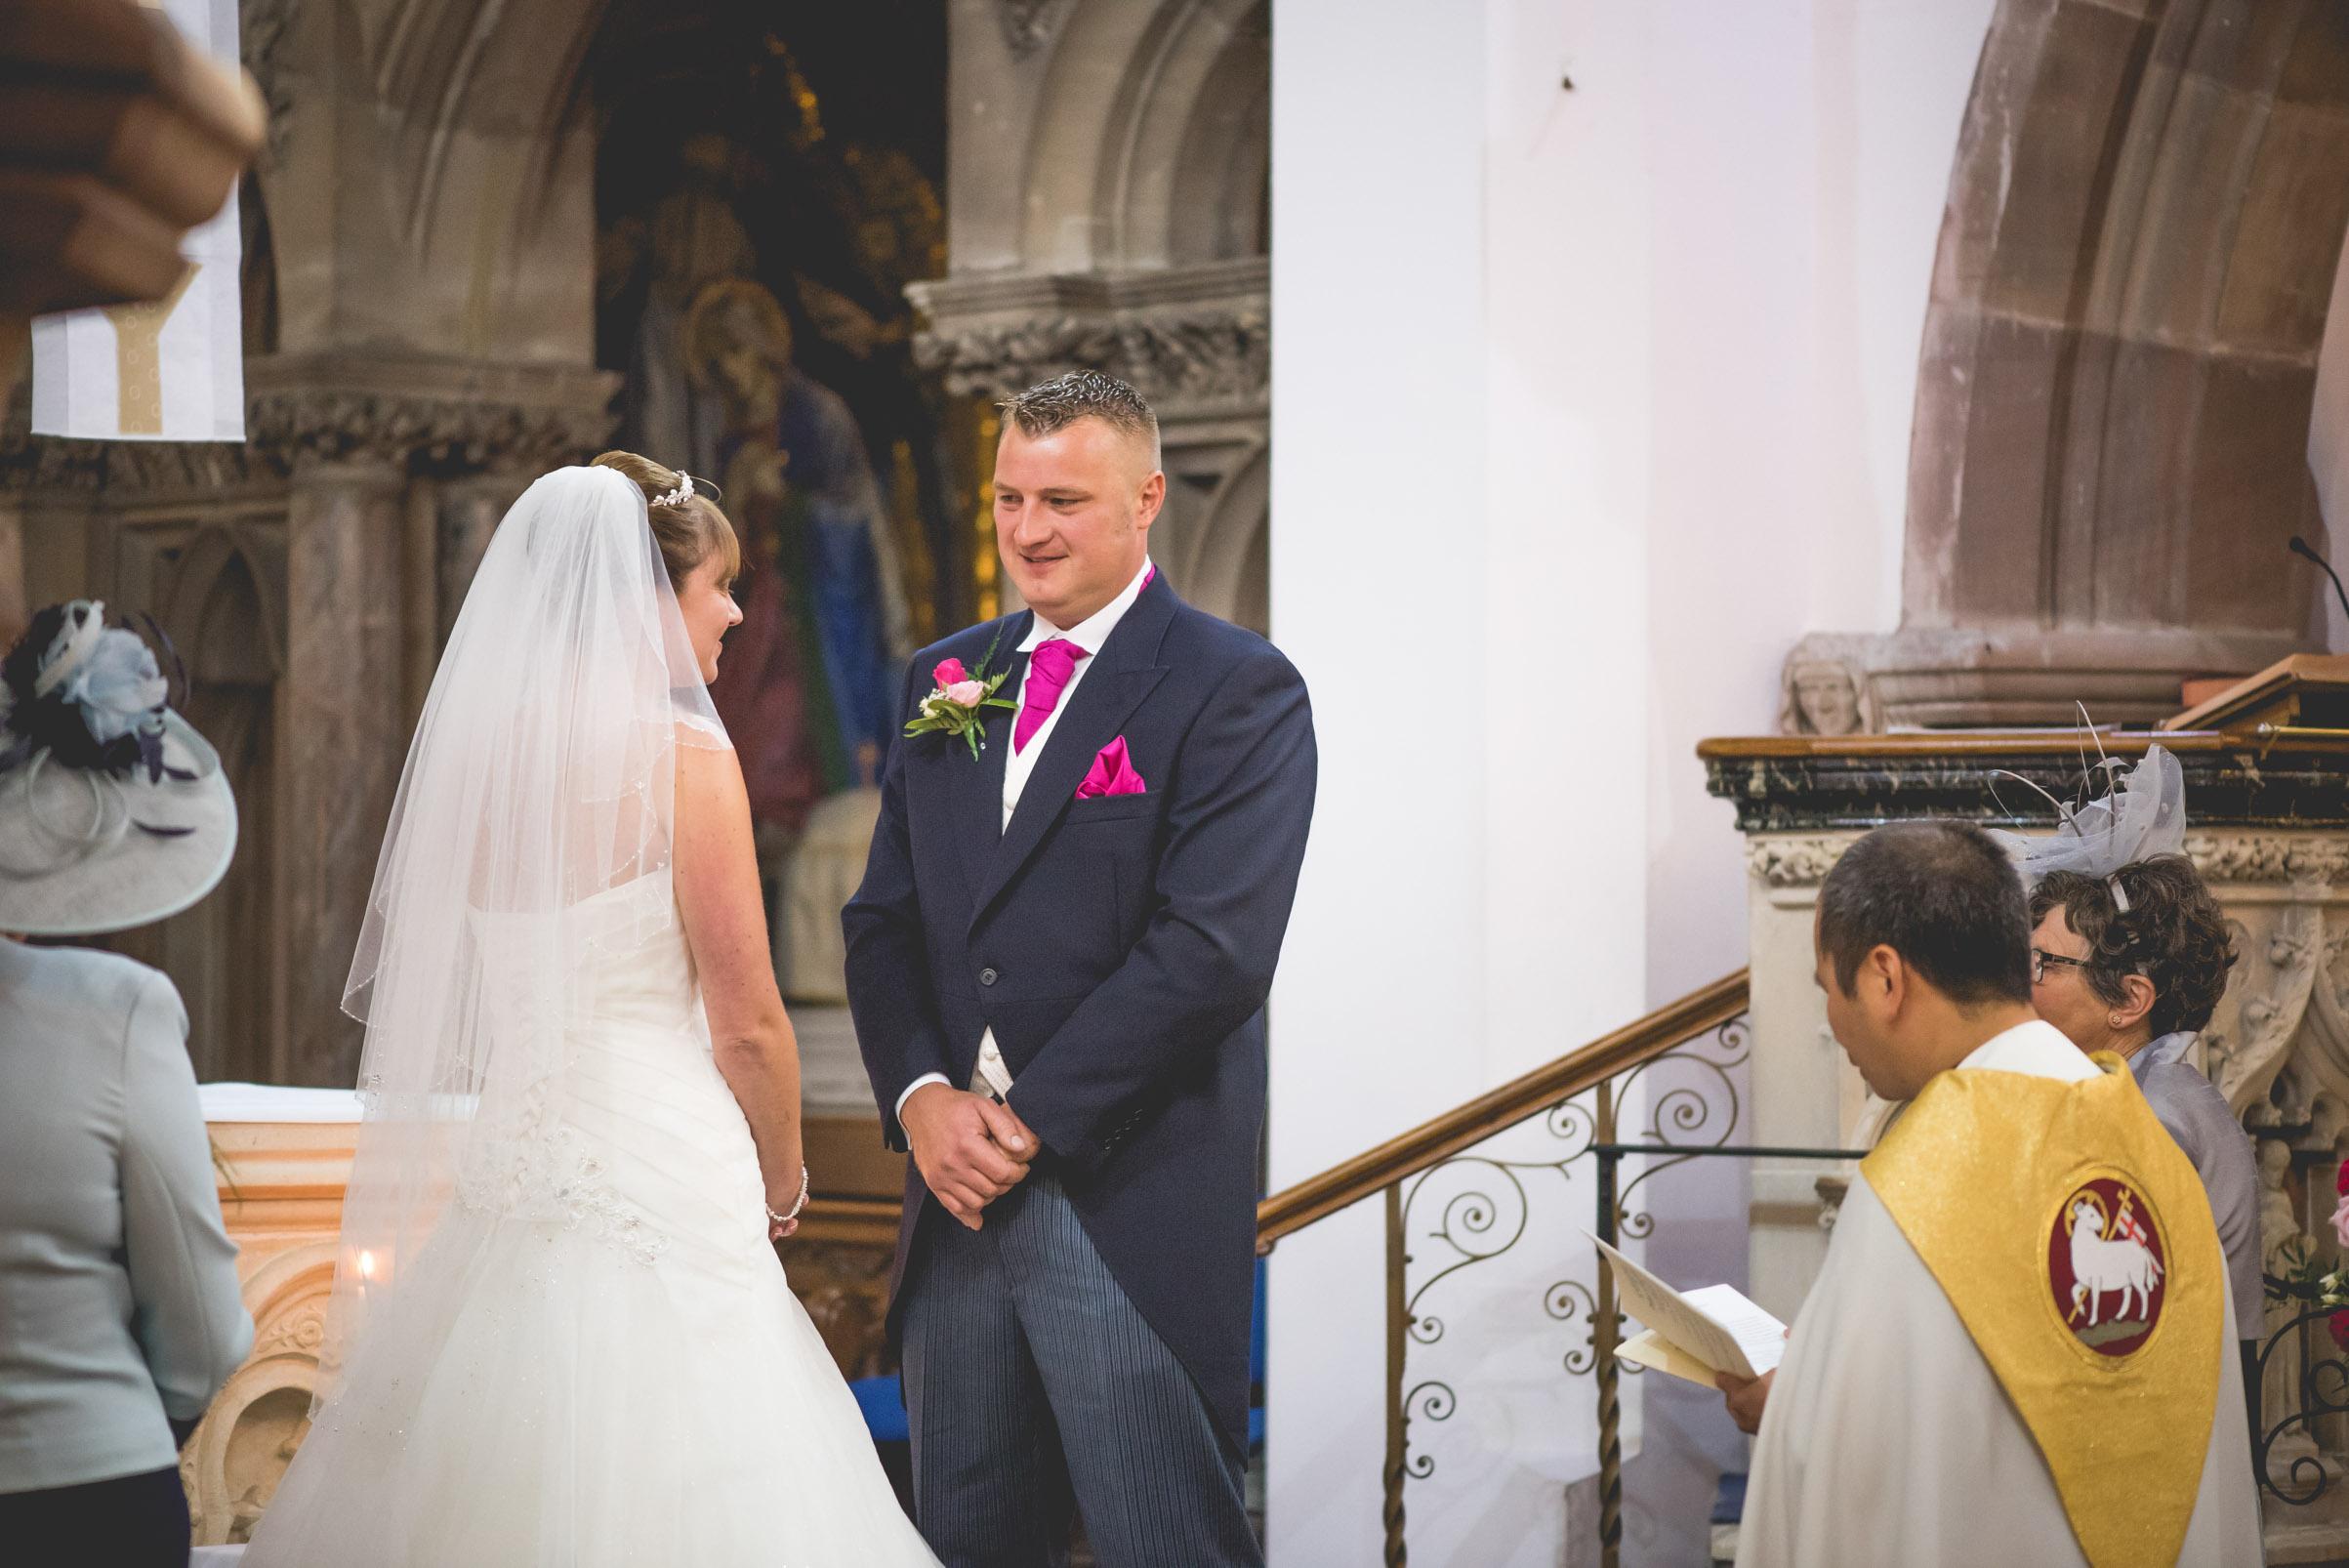 Farm-wedding-staffordshire-st-marys-catholic-church-uttoxter-32.jpg